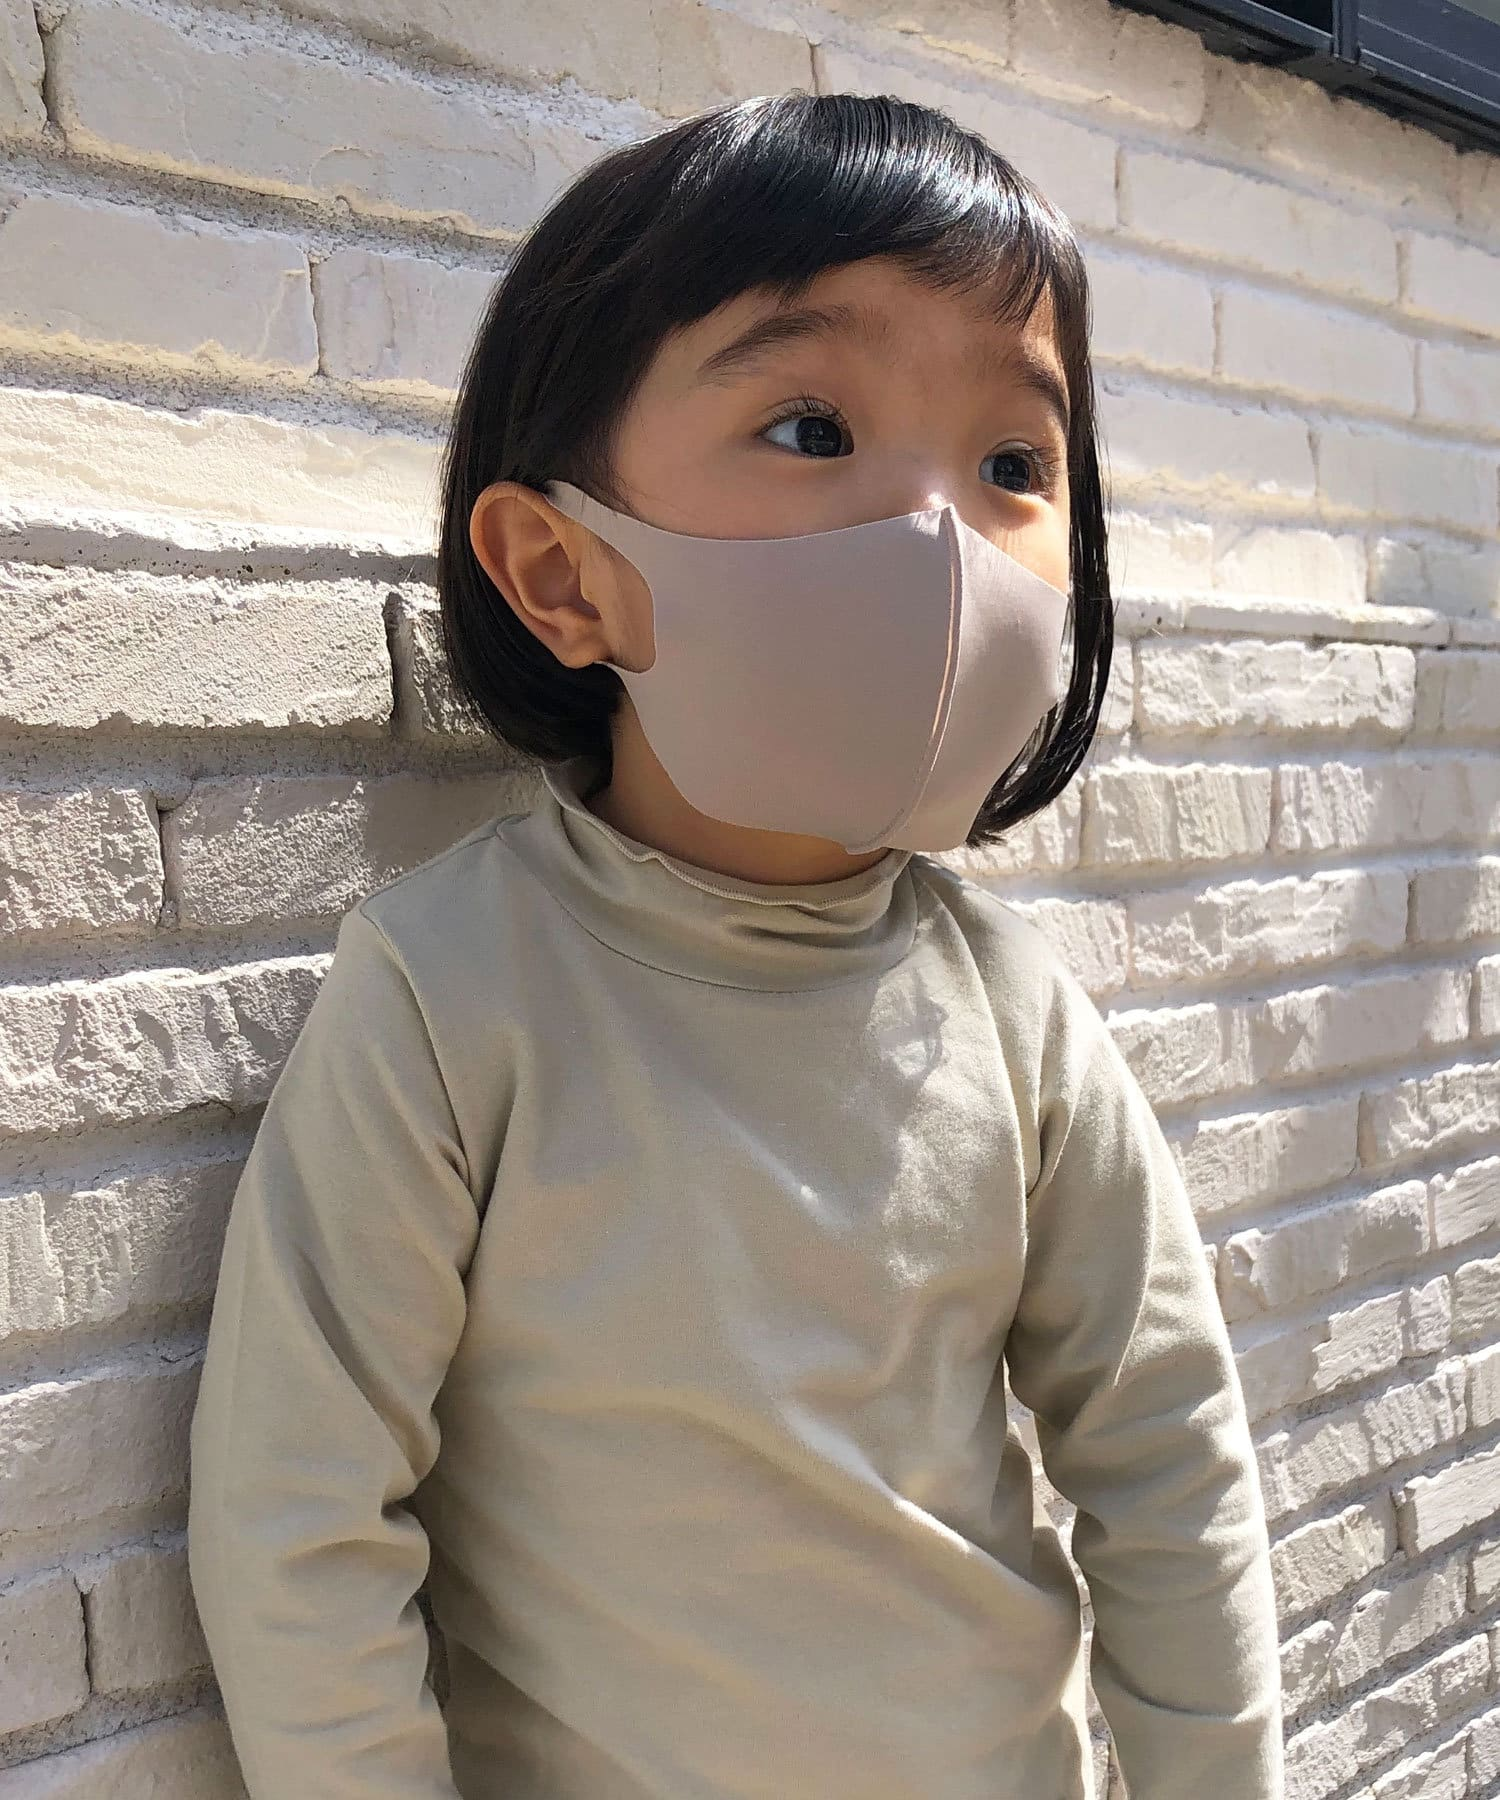 Lattice(ラティス) Lattice(ラティス) 《ニュアンスカラー冷感抗菌マスク》4枚SET(子供用サイズ) その他